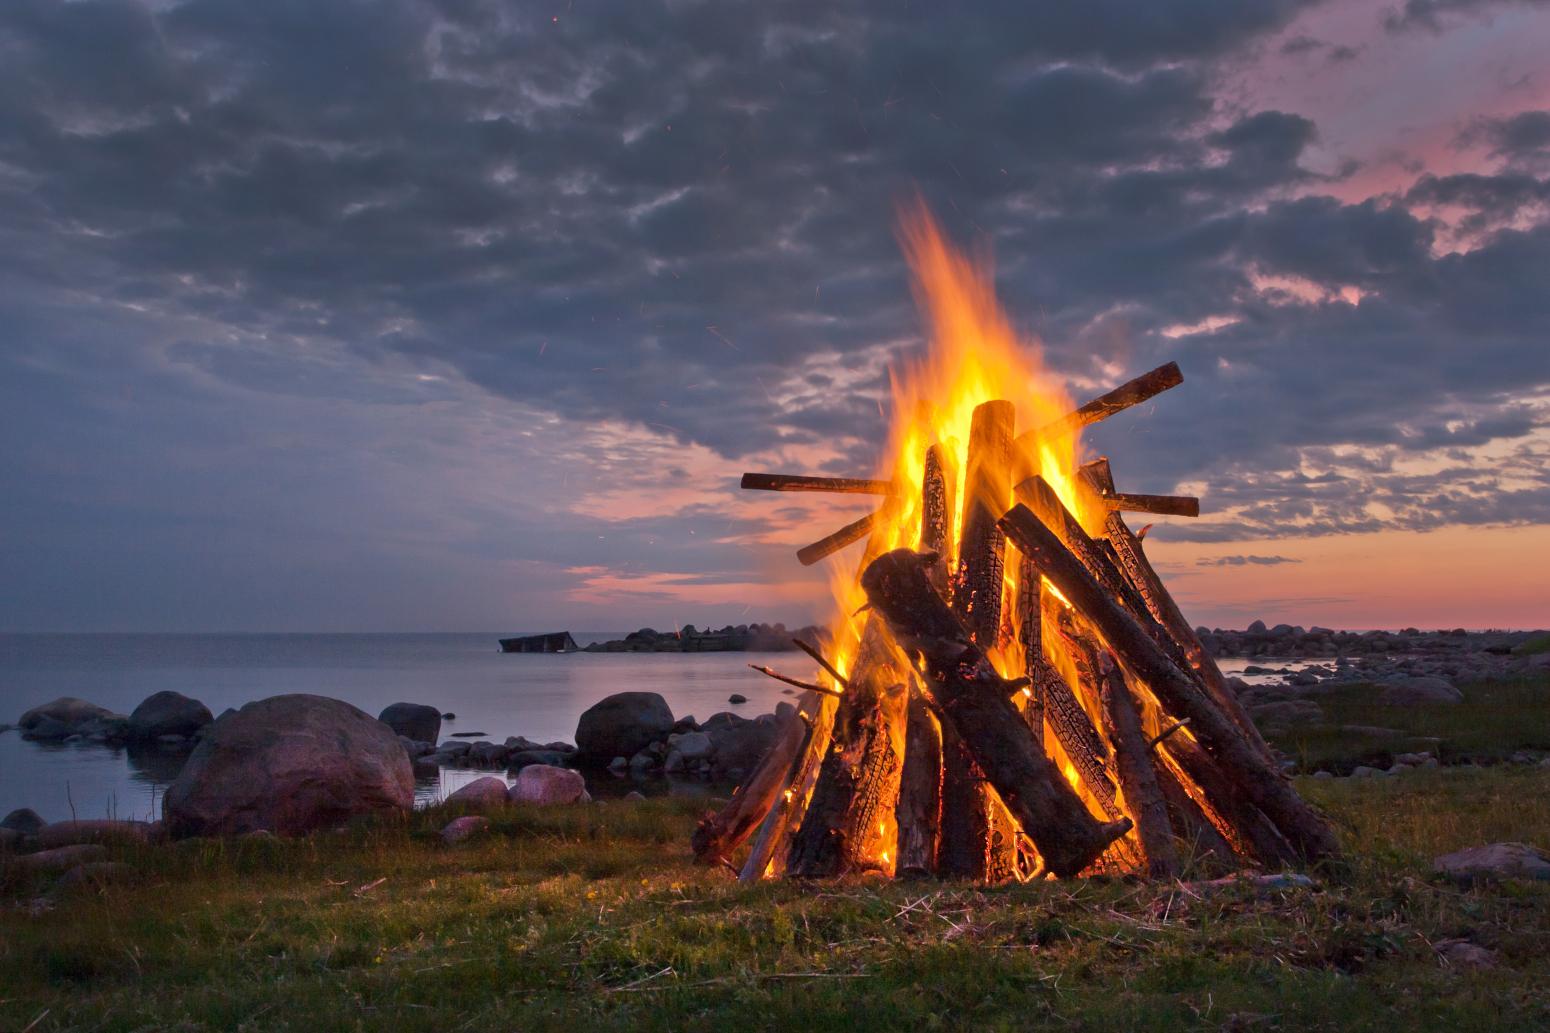 a bonfire next to the ocean during midsummer